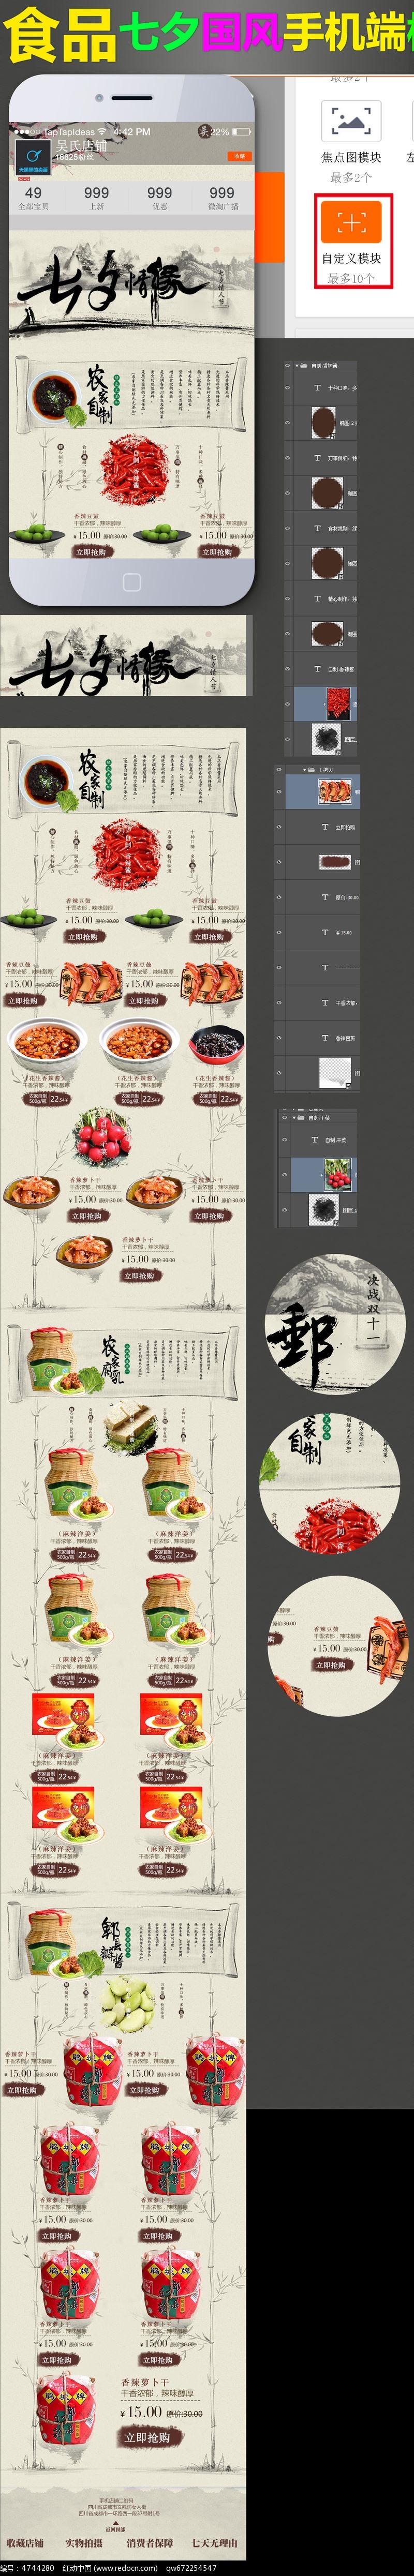 七夕食品中国风手机首页海报图片